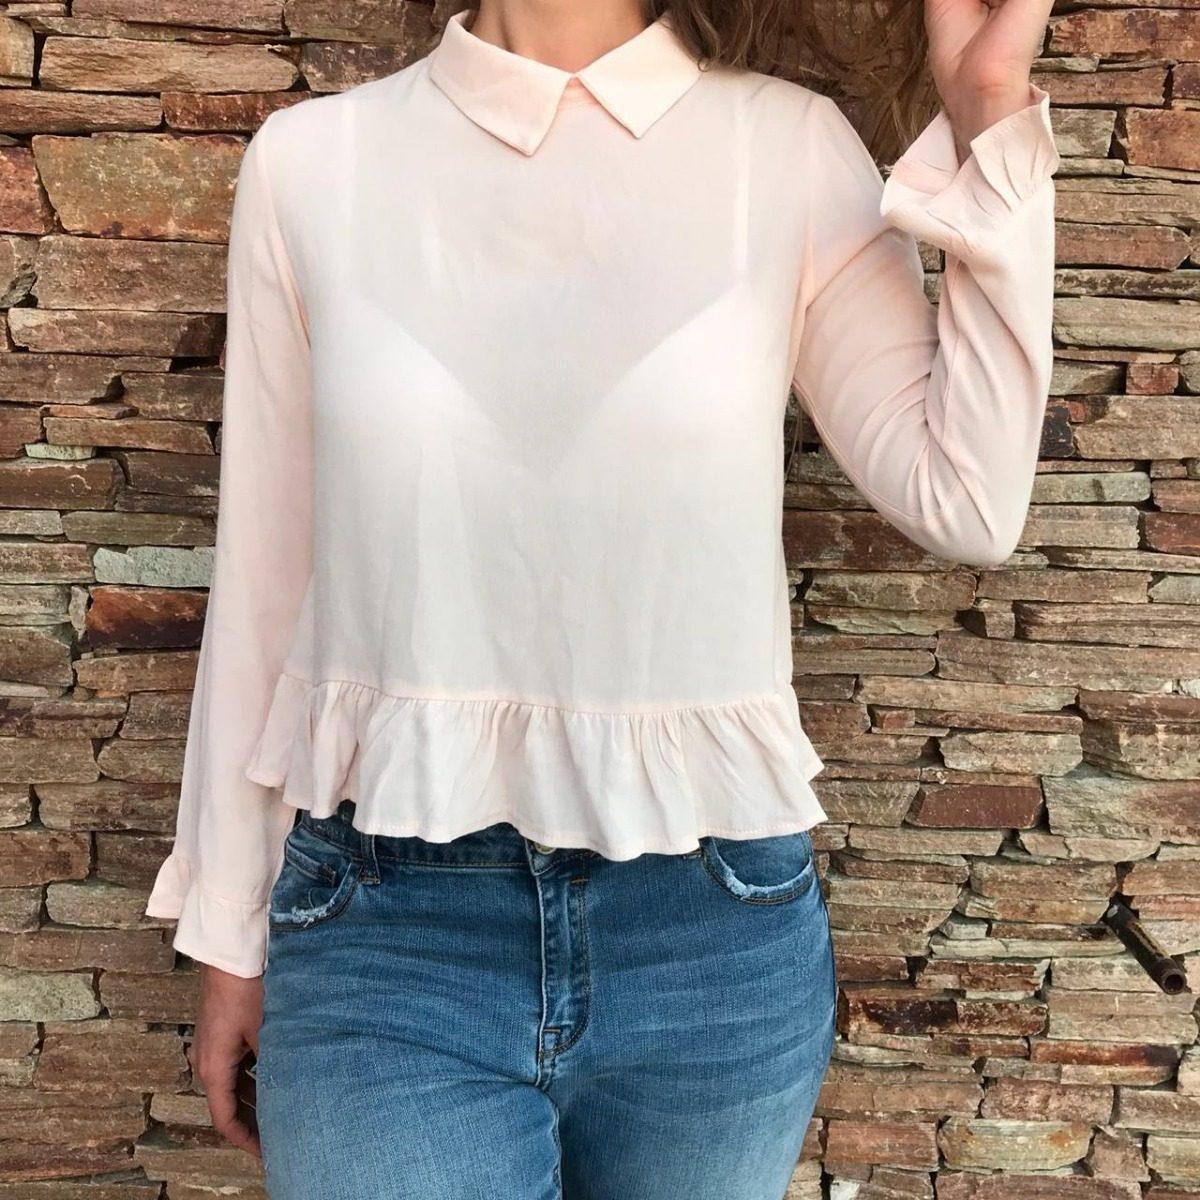 moda cuello zoom mujer 2018 Cargando otoño volados blusa camisa invierno tOqH7fw